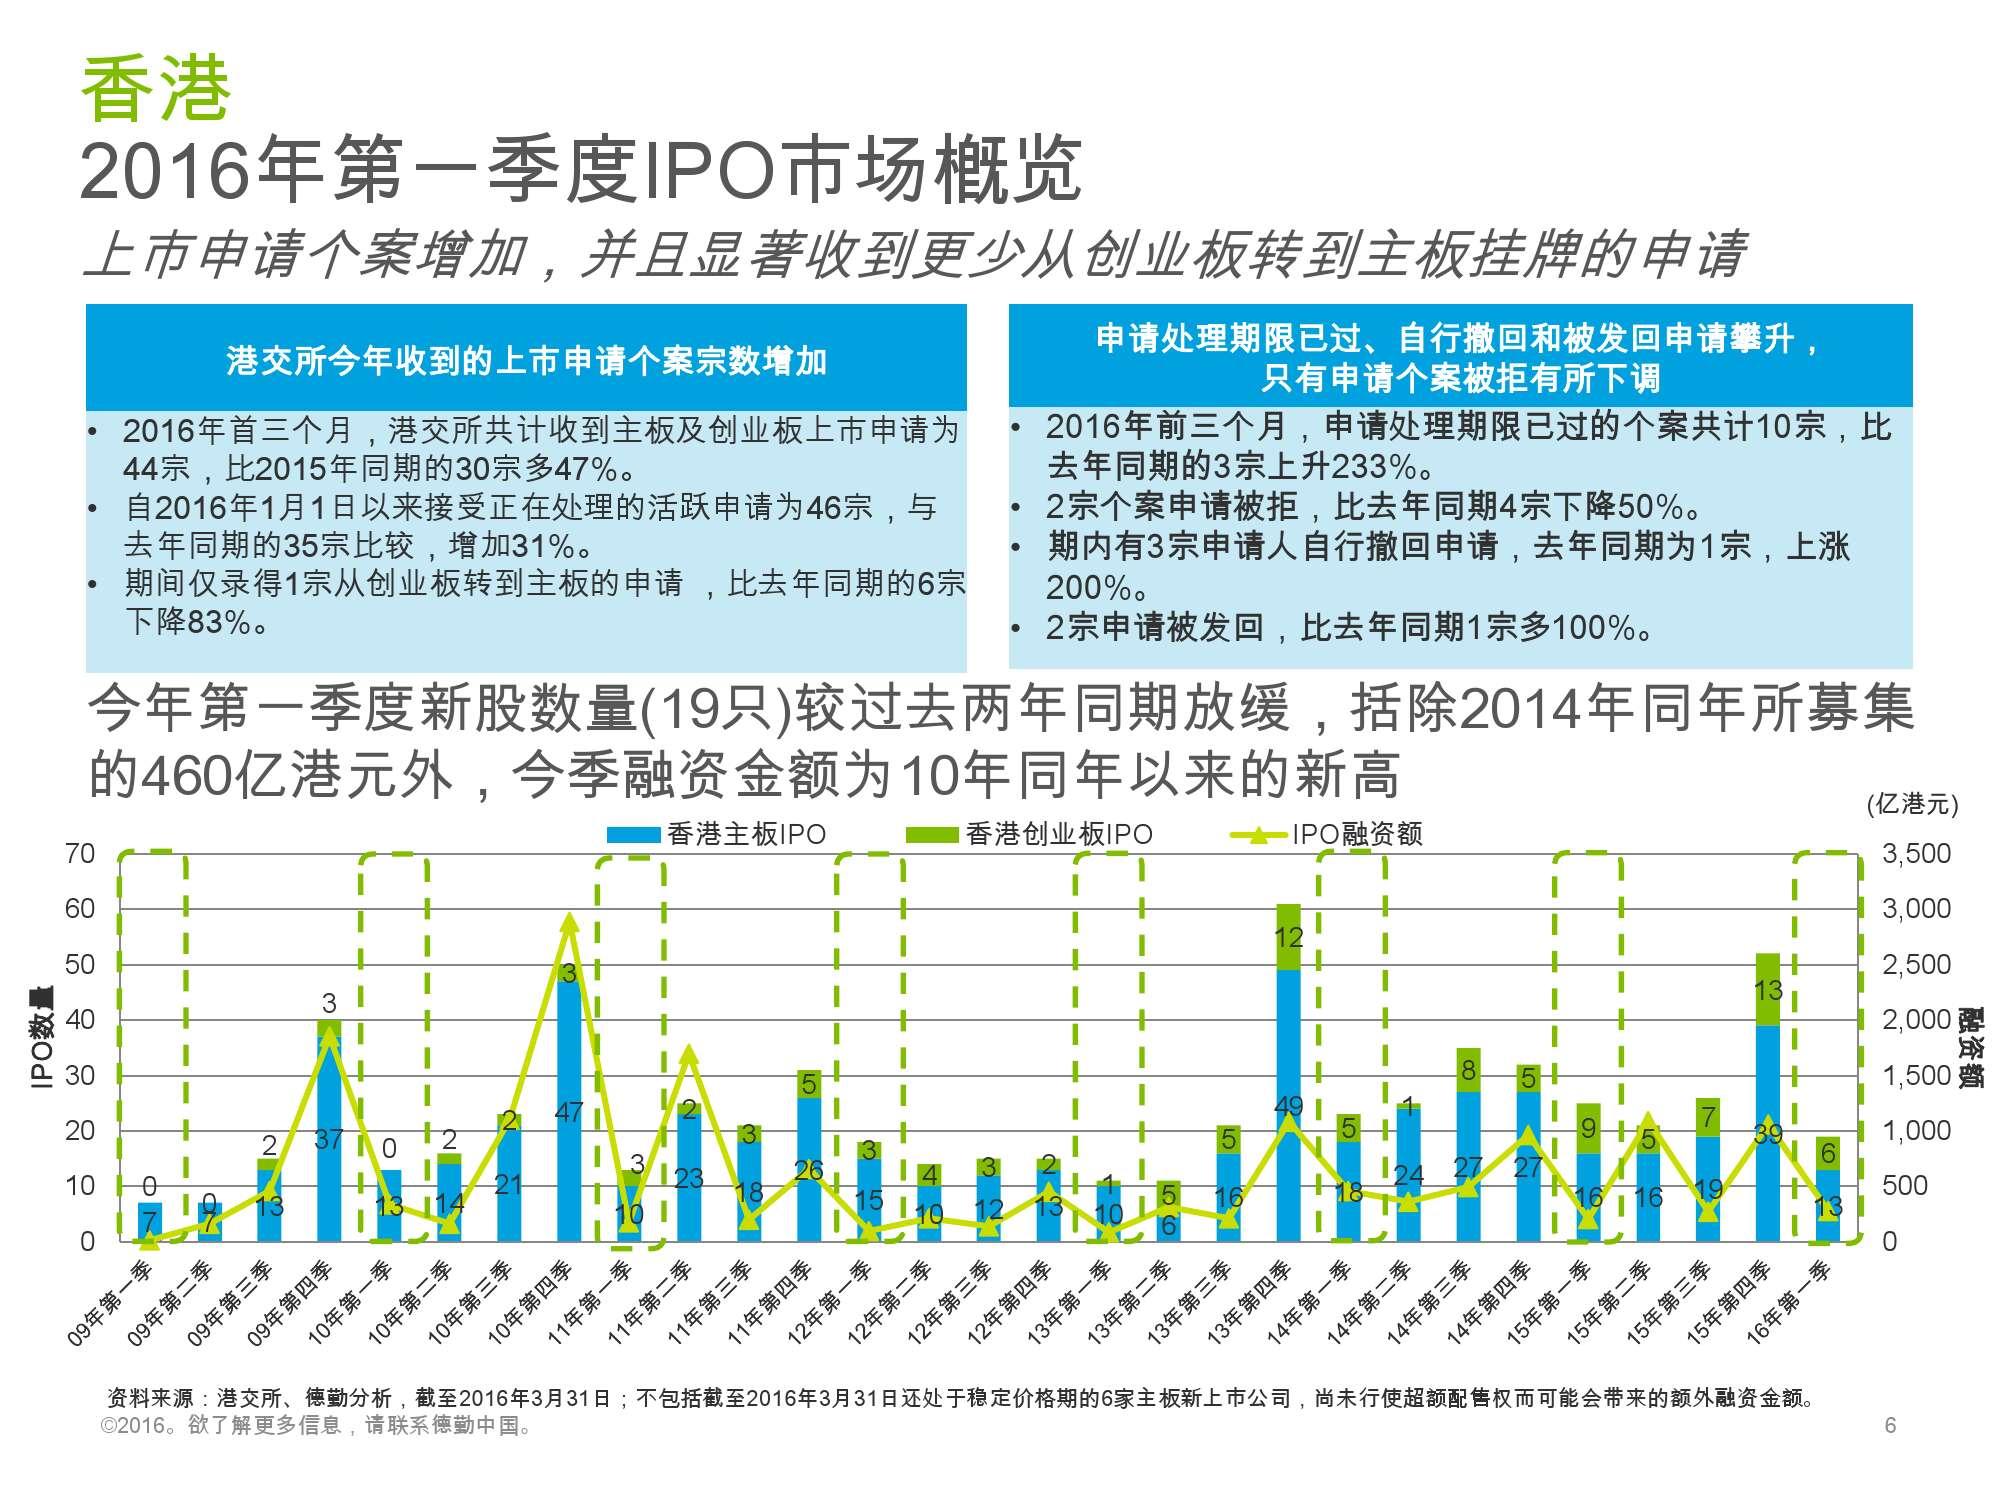 香港及中国大陆IPO市场2016年1季度_000006